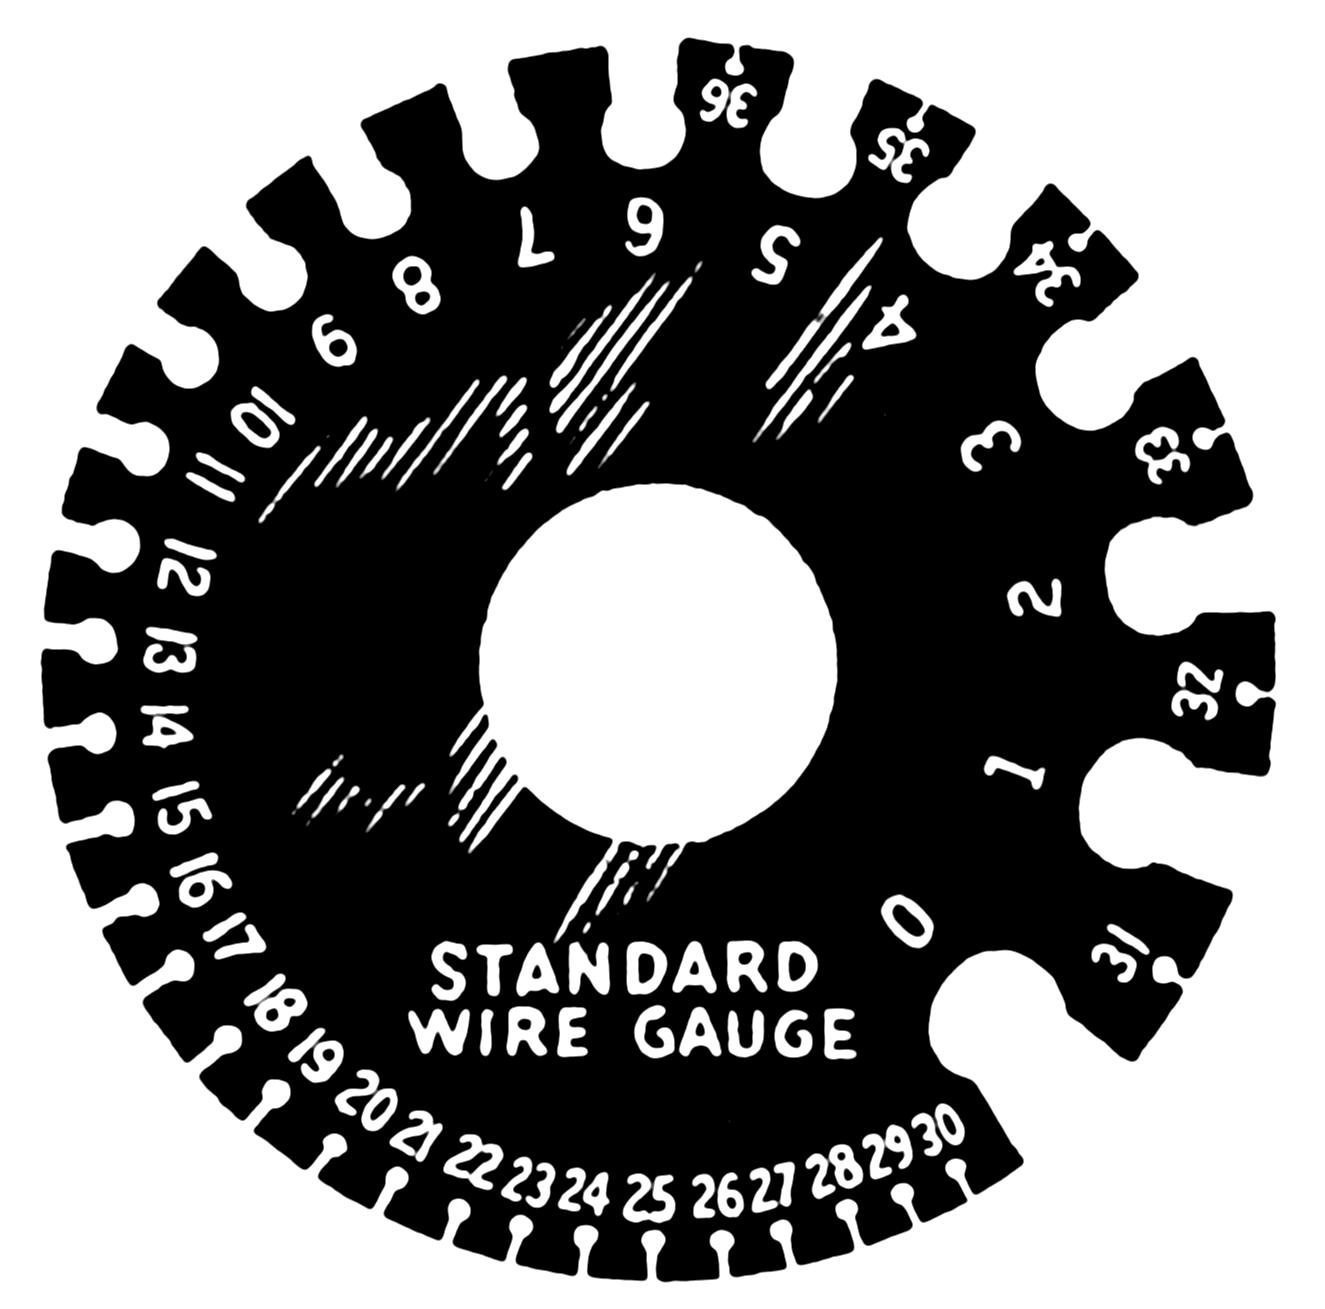 Что такое AWG (американская система маркирования толщины проводов) и какое это имеет значение? … а также когда это имеет значение и почему?